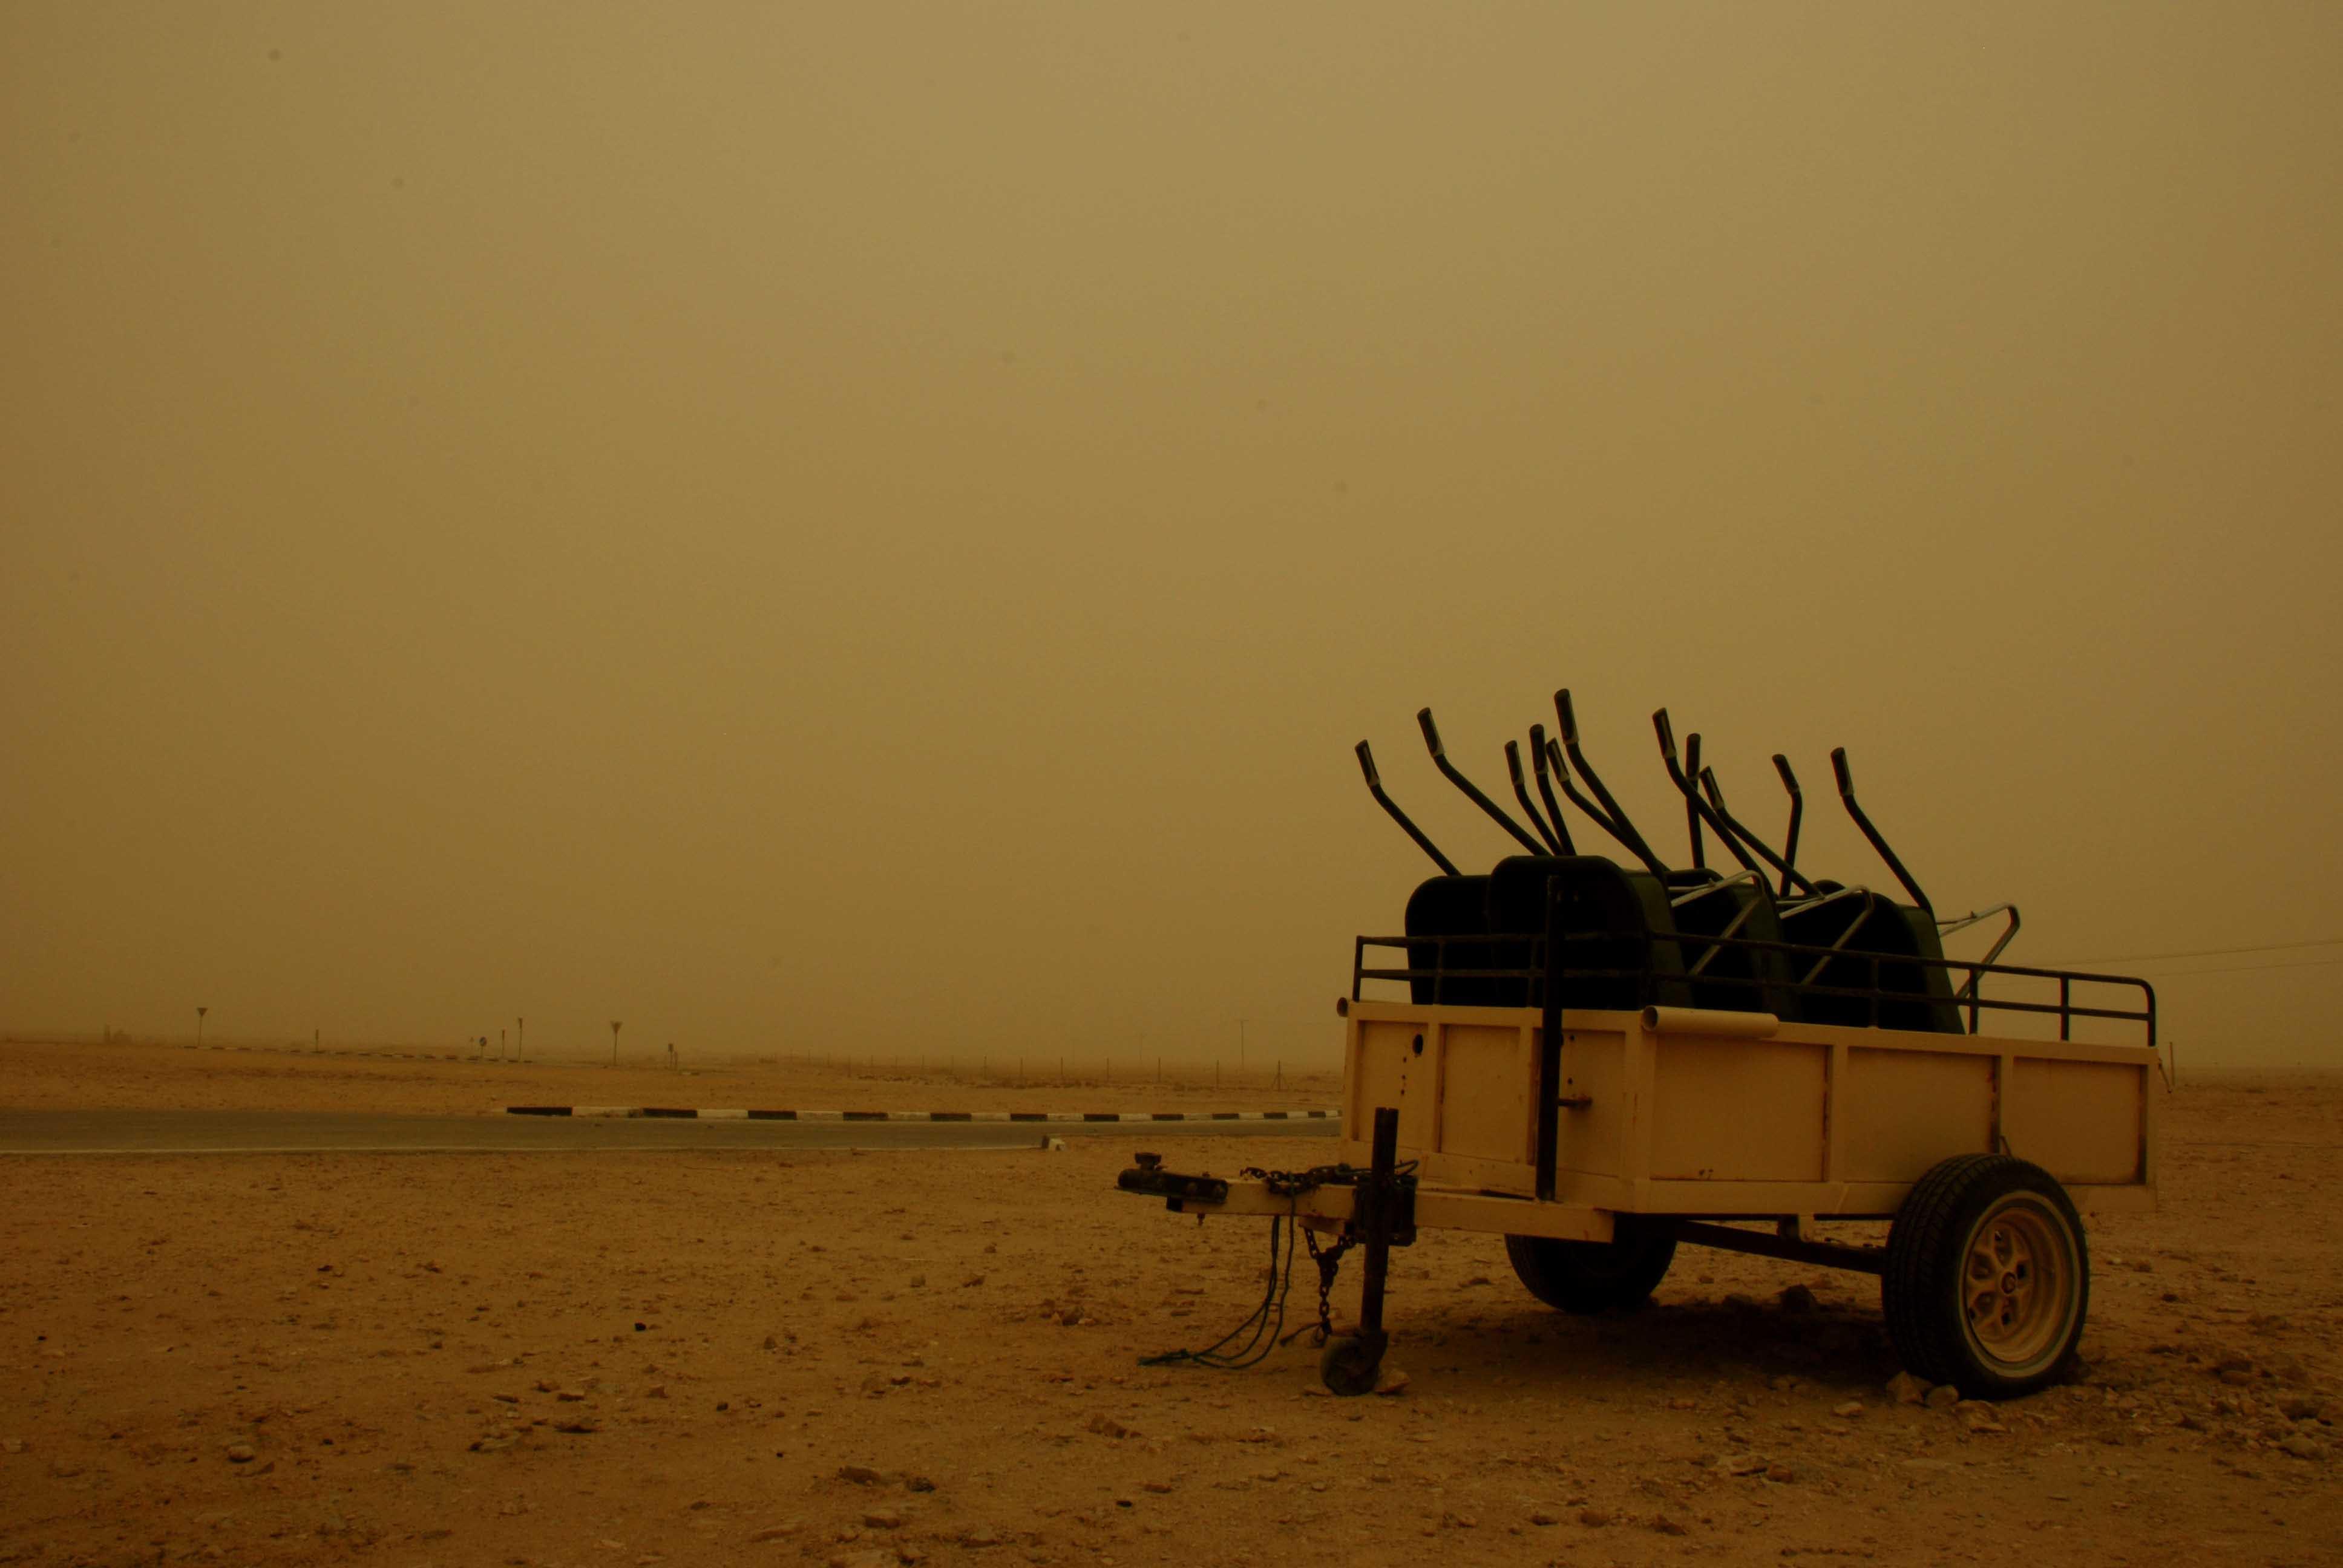 Dust Storm in Qatar, by Daniel Eddisford